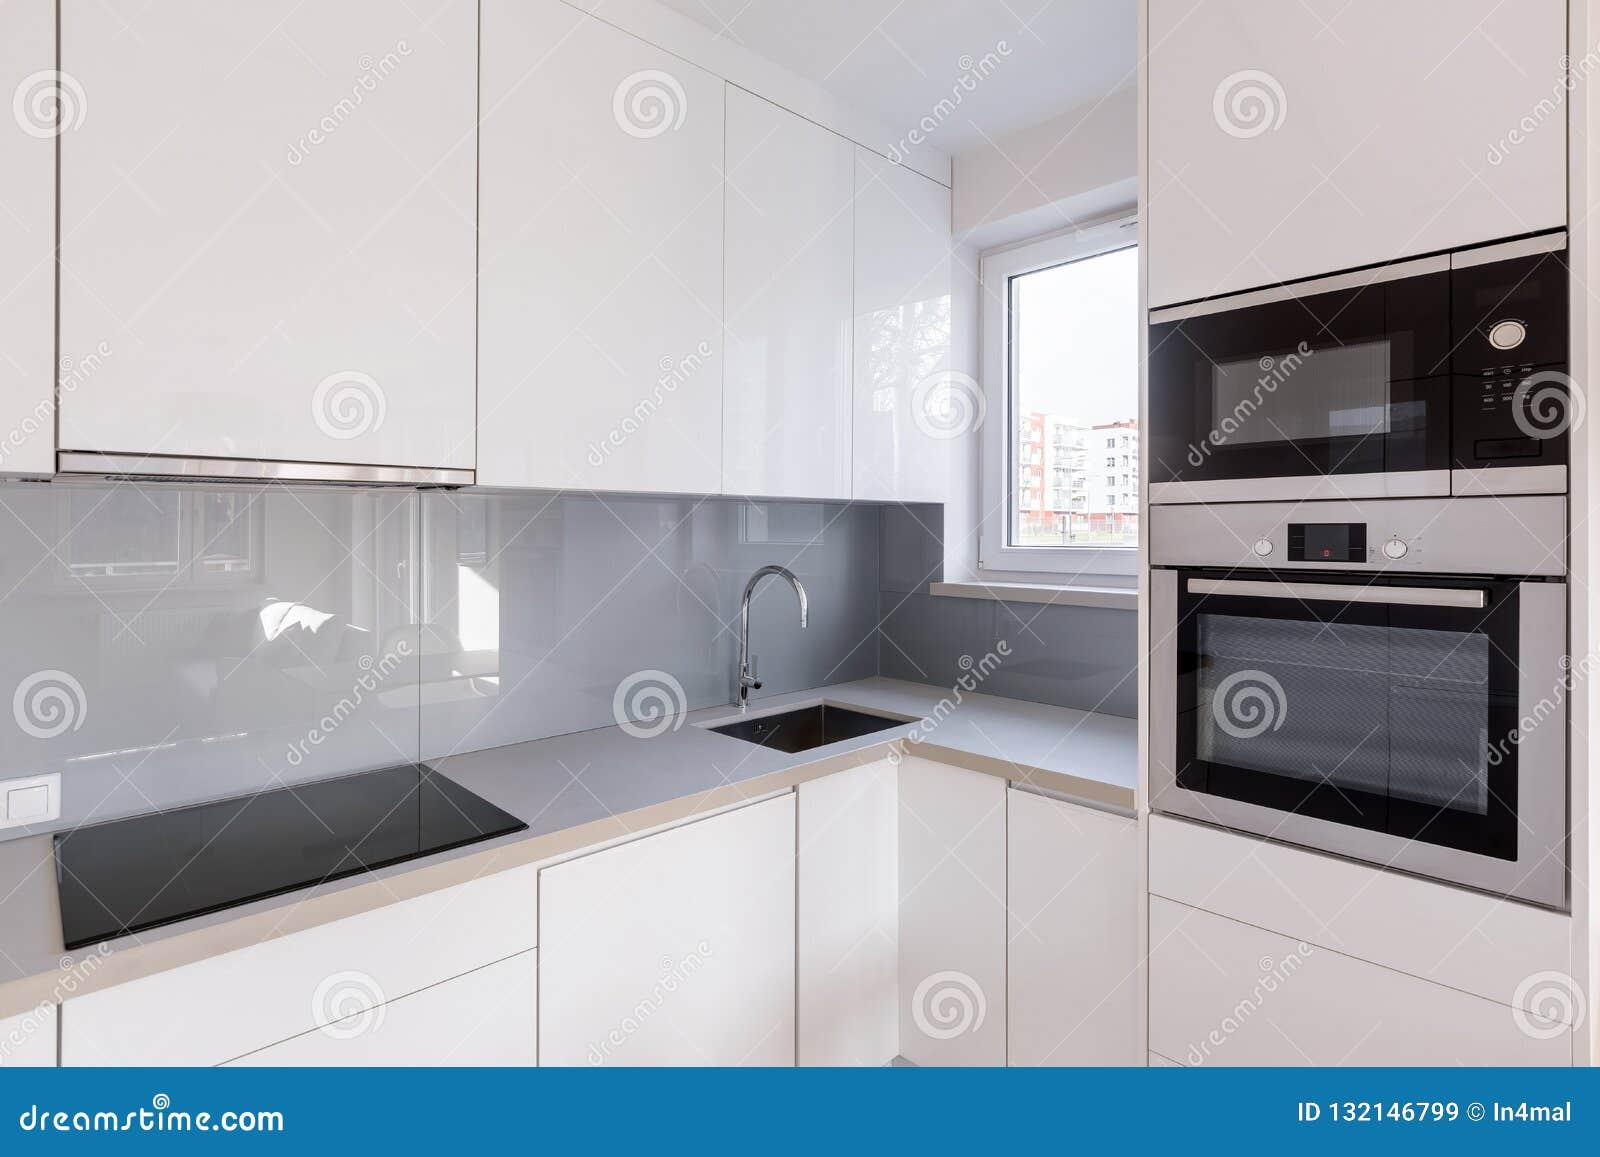 Cuisine Moderne Avec Les Placards Blancs Image stock - Image du ...